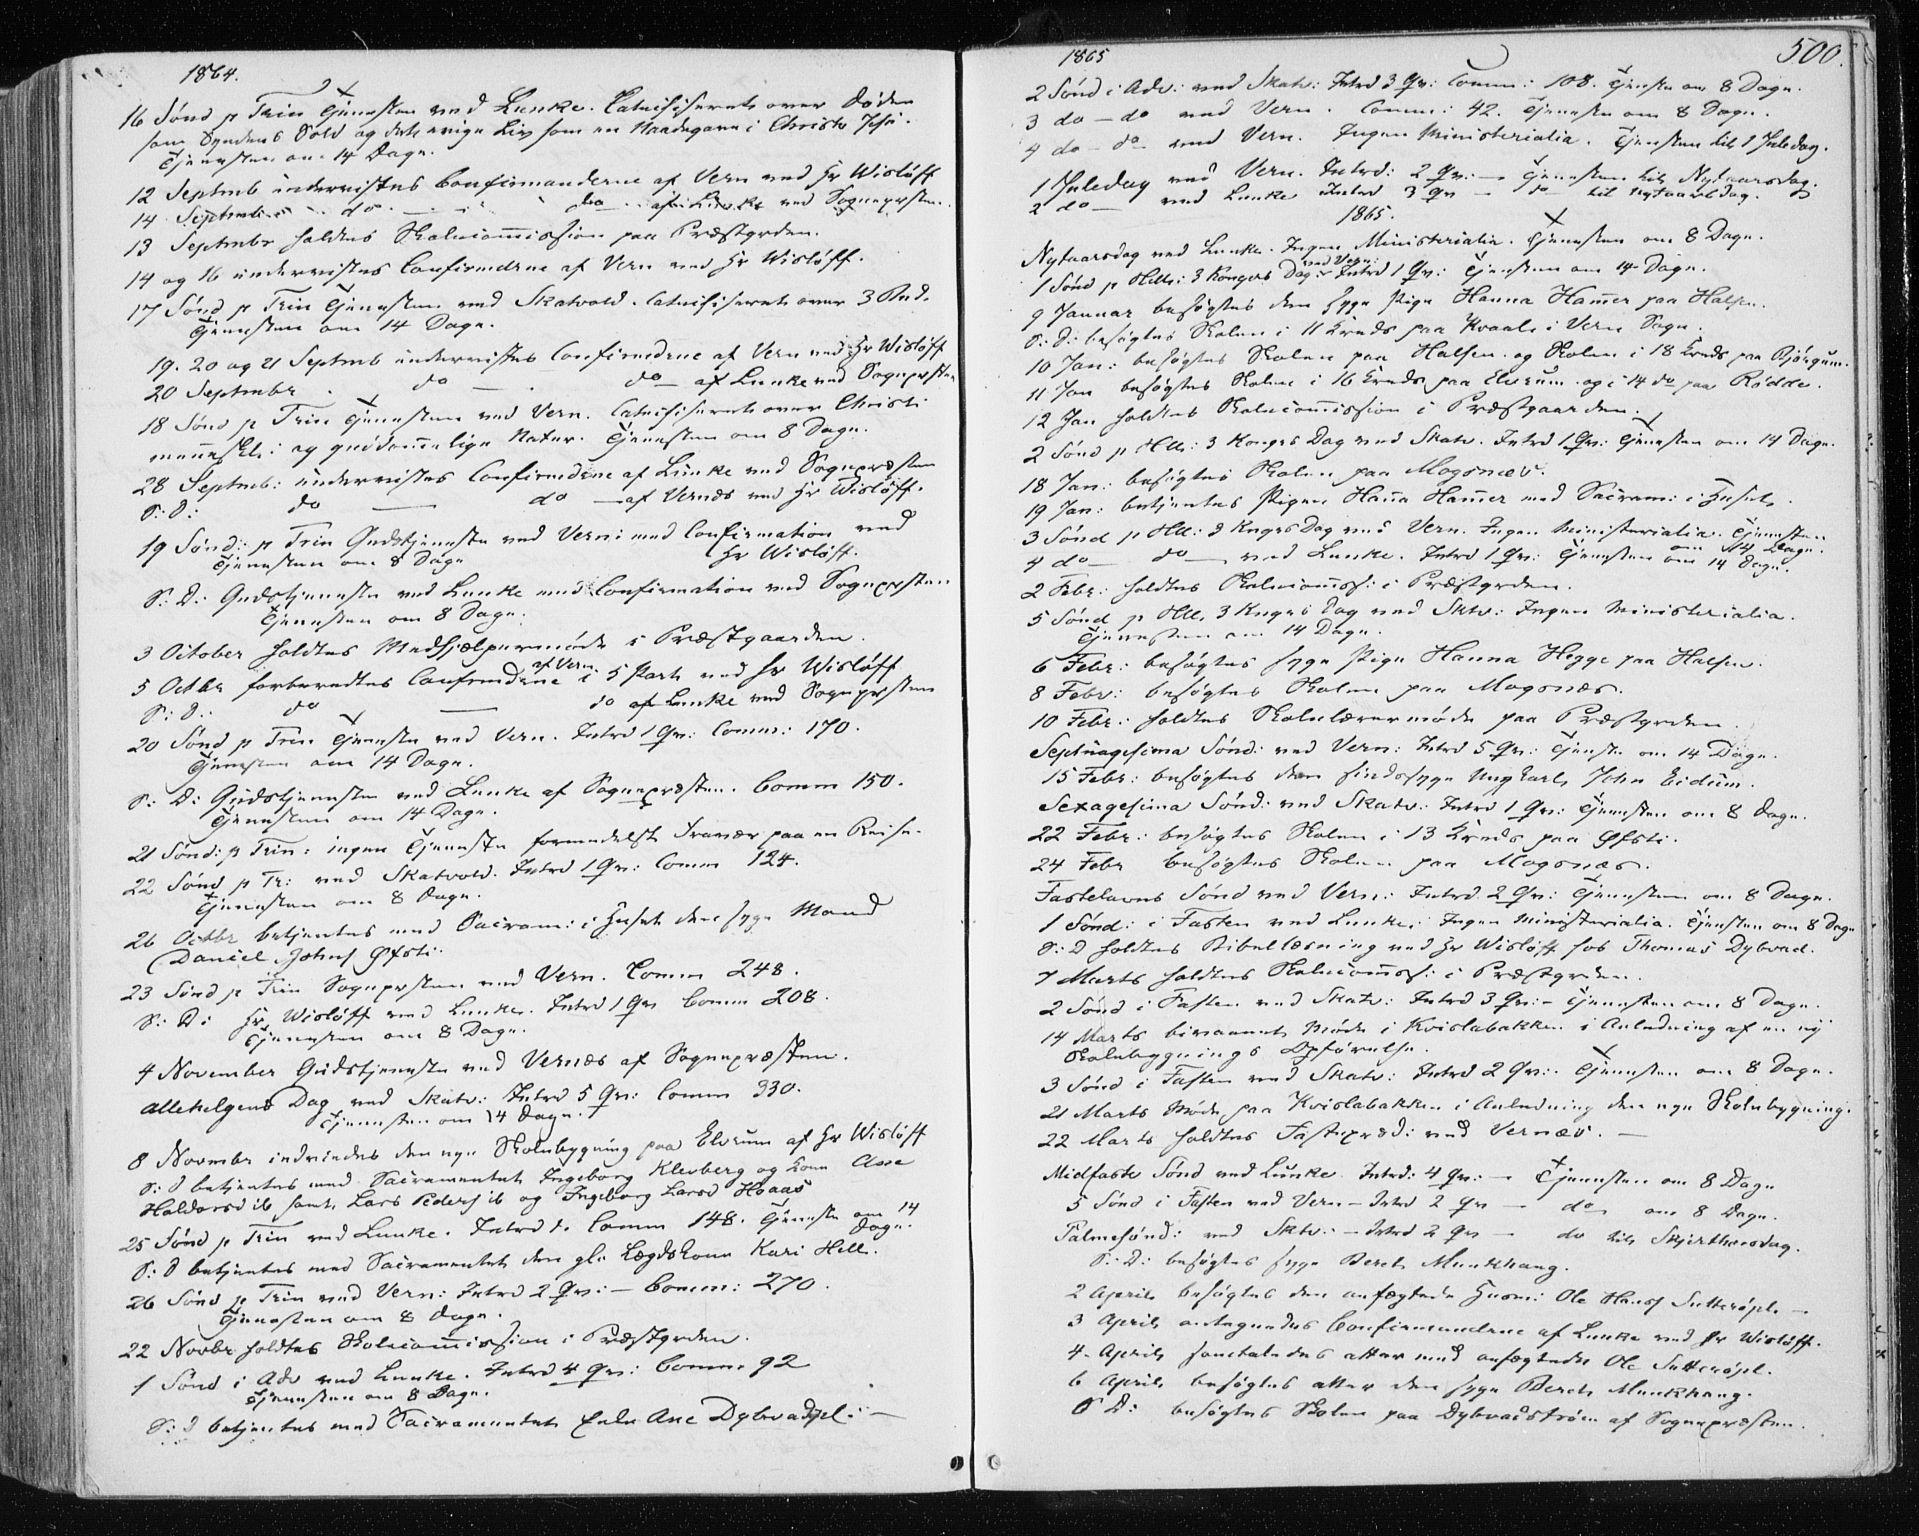 SAT, Ministerialprotokoller, klokkerbøker og fødselsregistre - Nord-Trøndelag, 709/L0075: Ministerialbok nr. 709A15, 1859-1870, s. 500